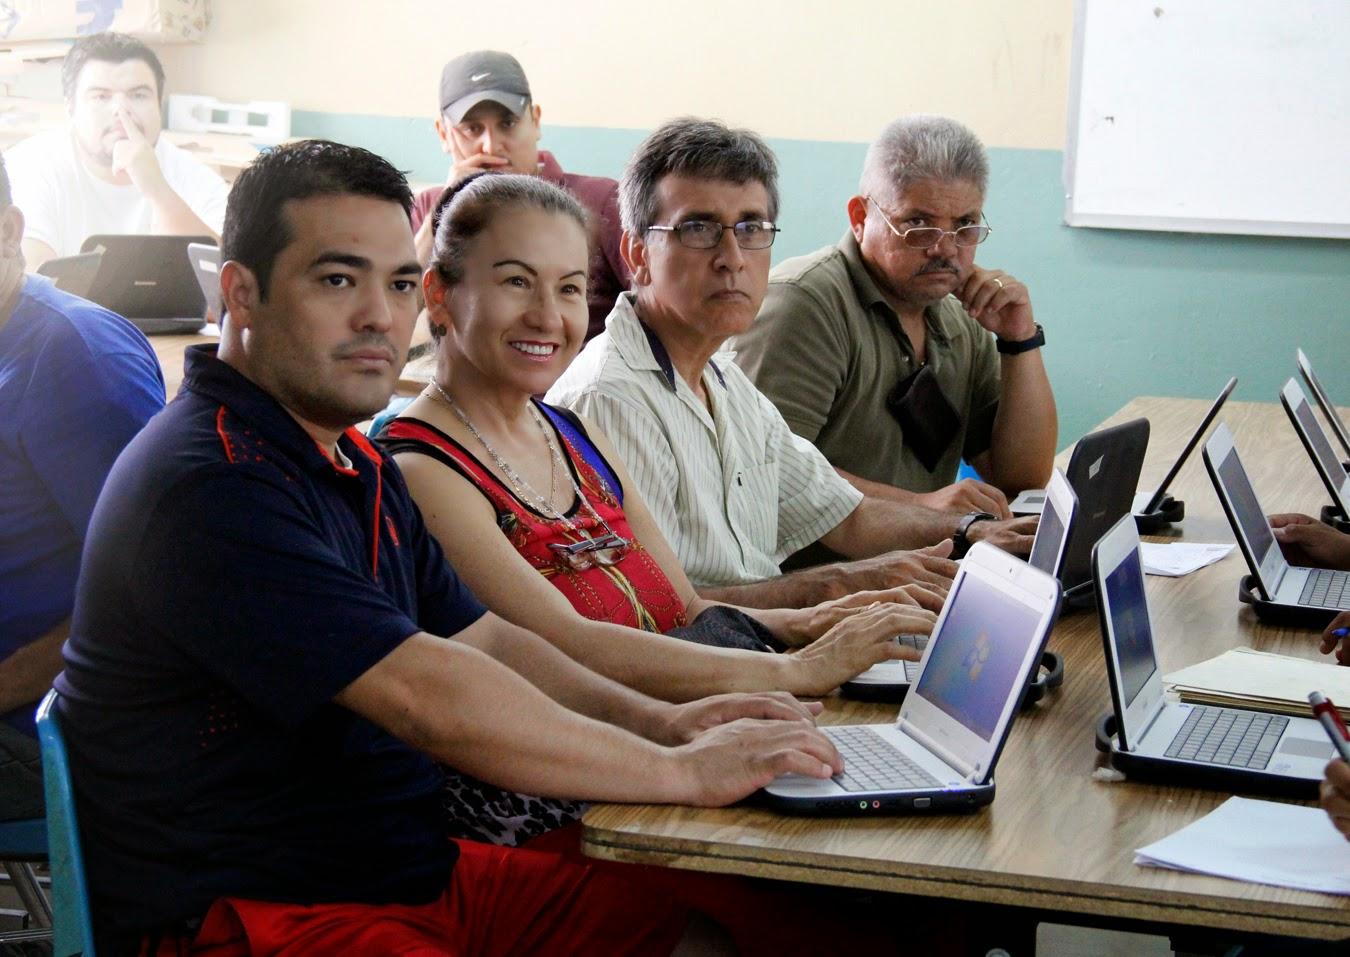 Cero grados publican resultados de la convocatoria para for Convocatoria de maestros